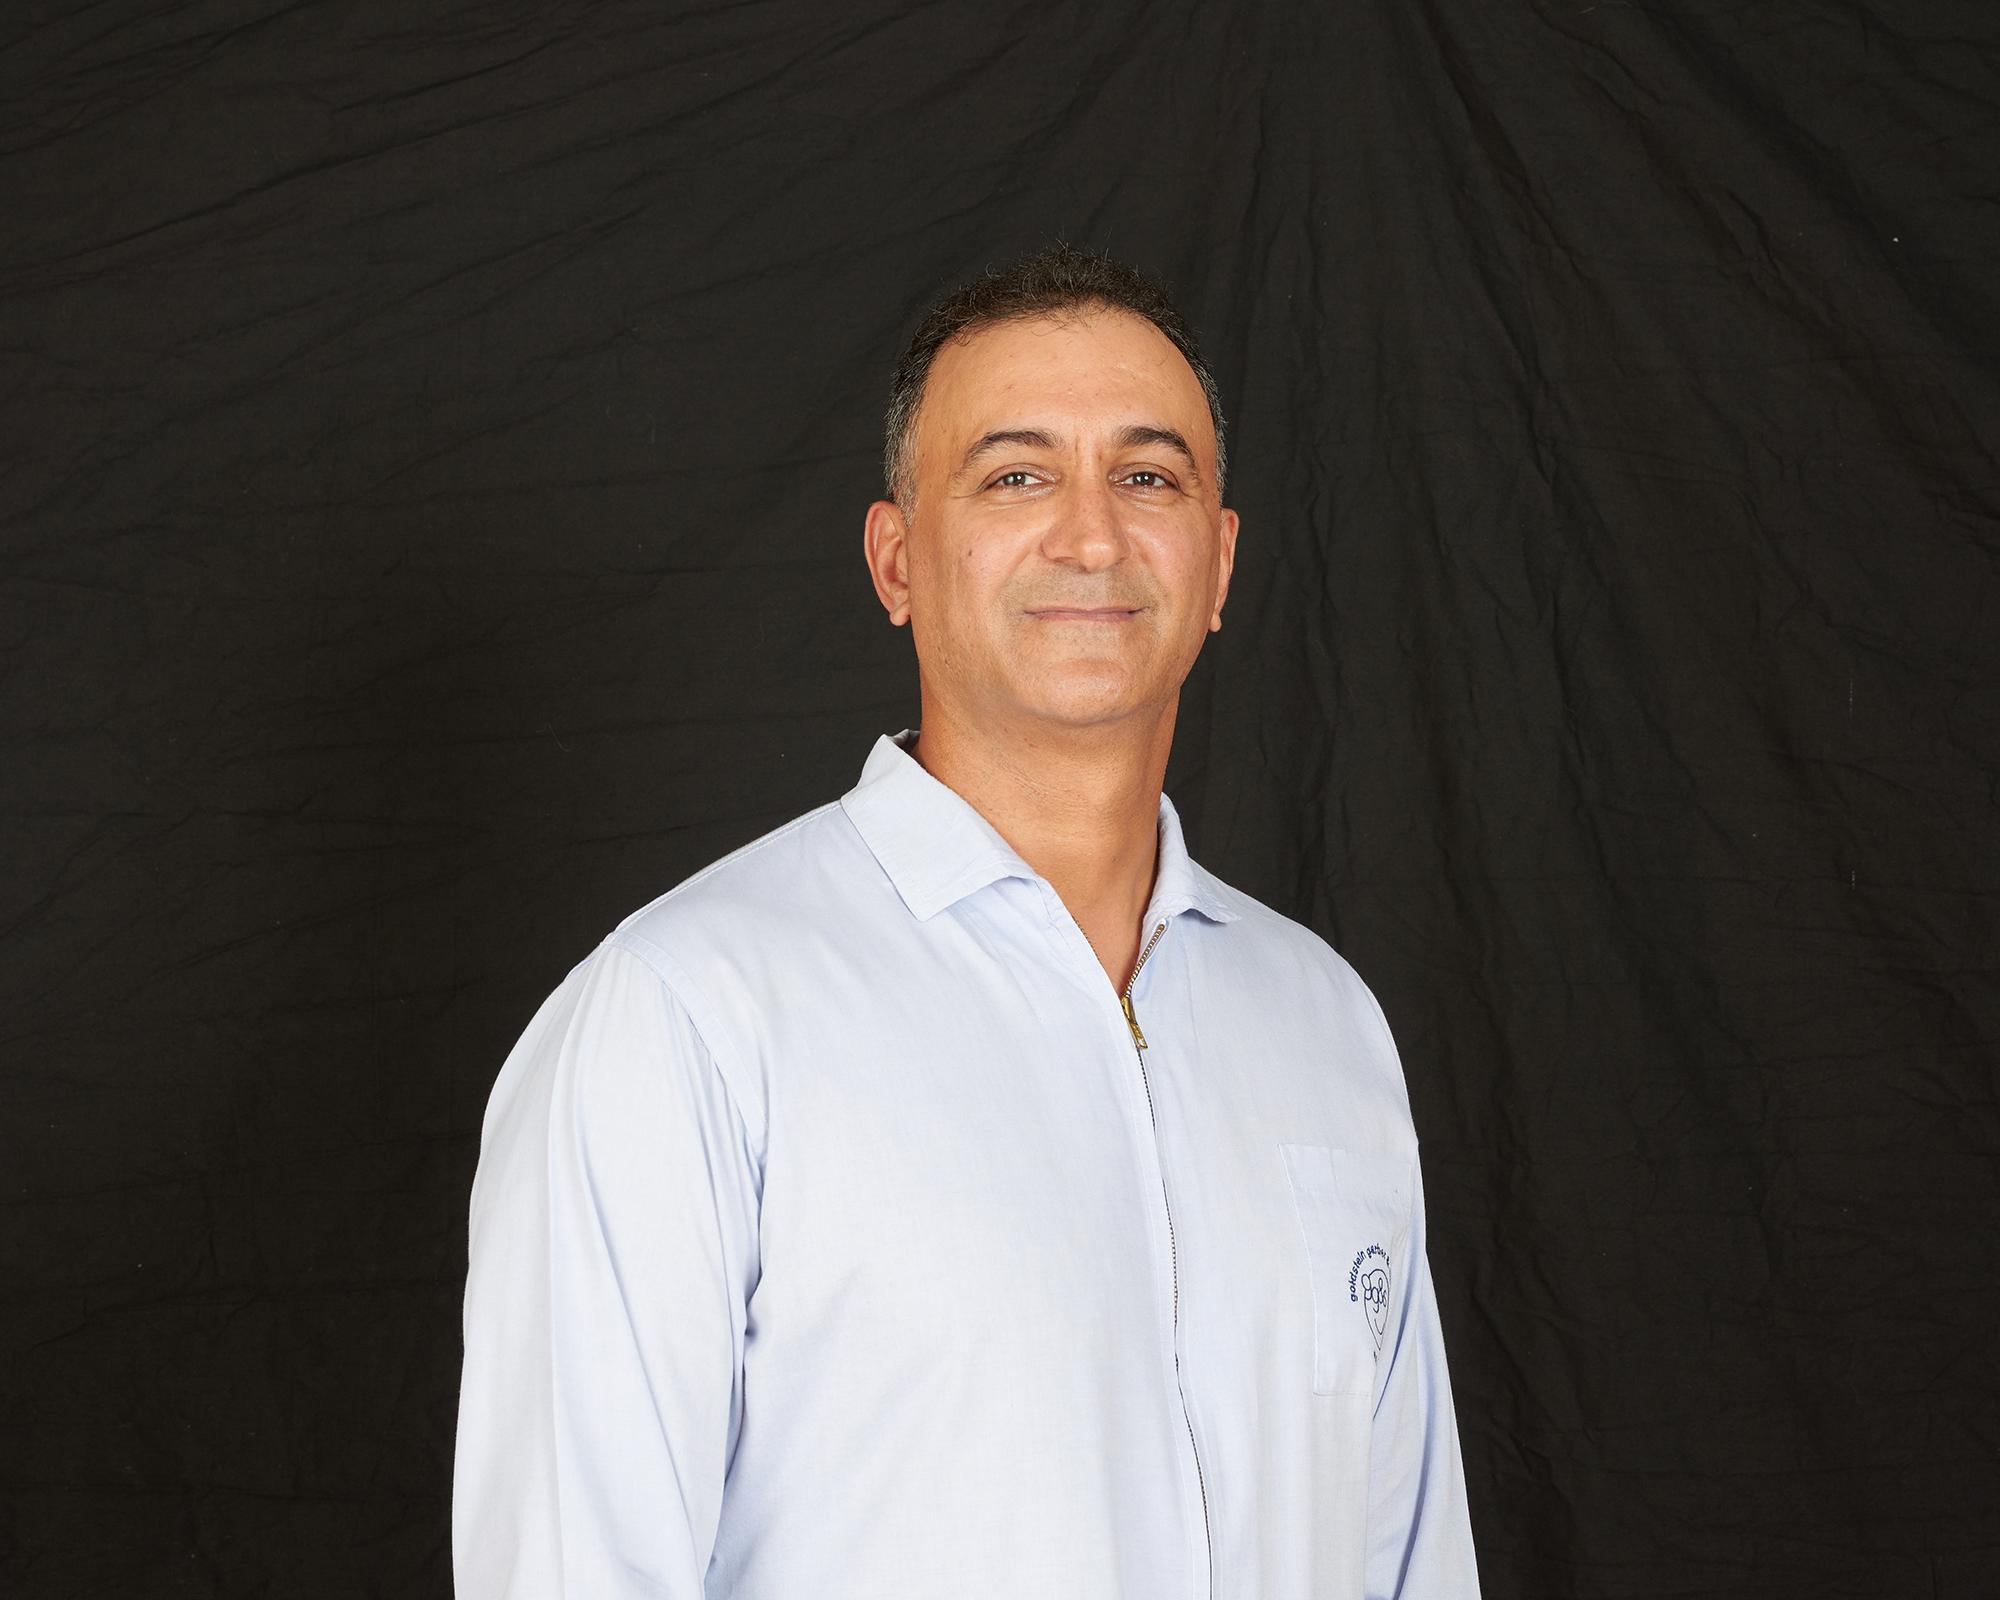 Dr. Abtin Shahriari